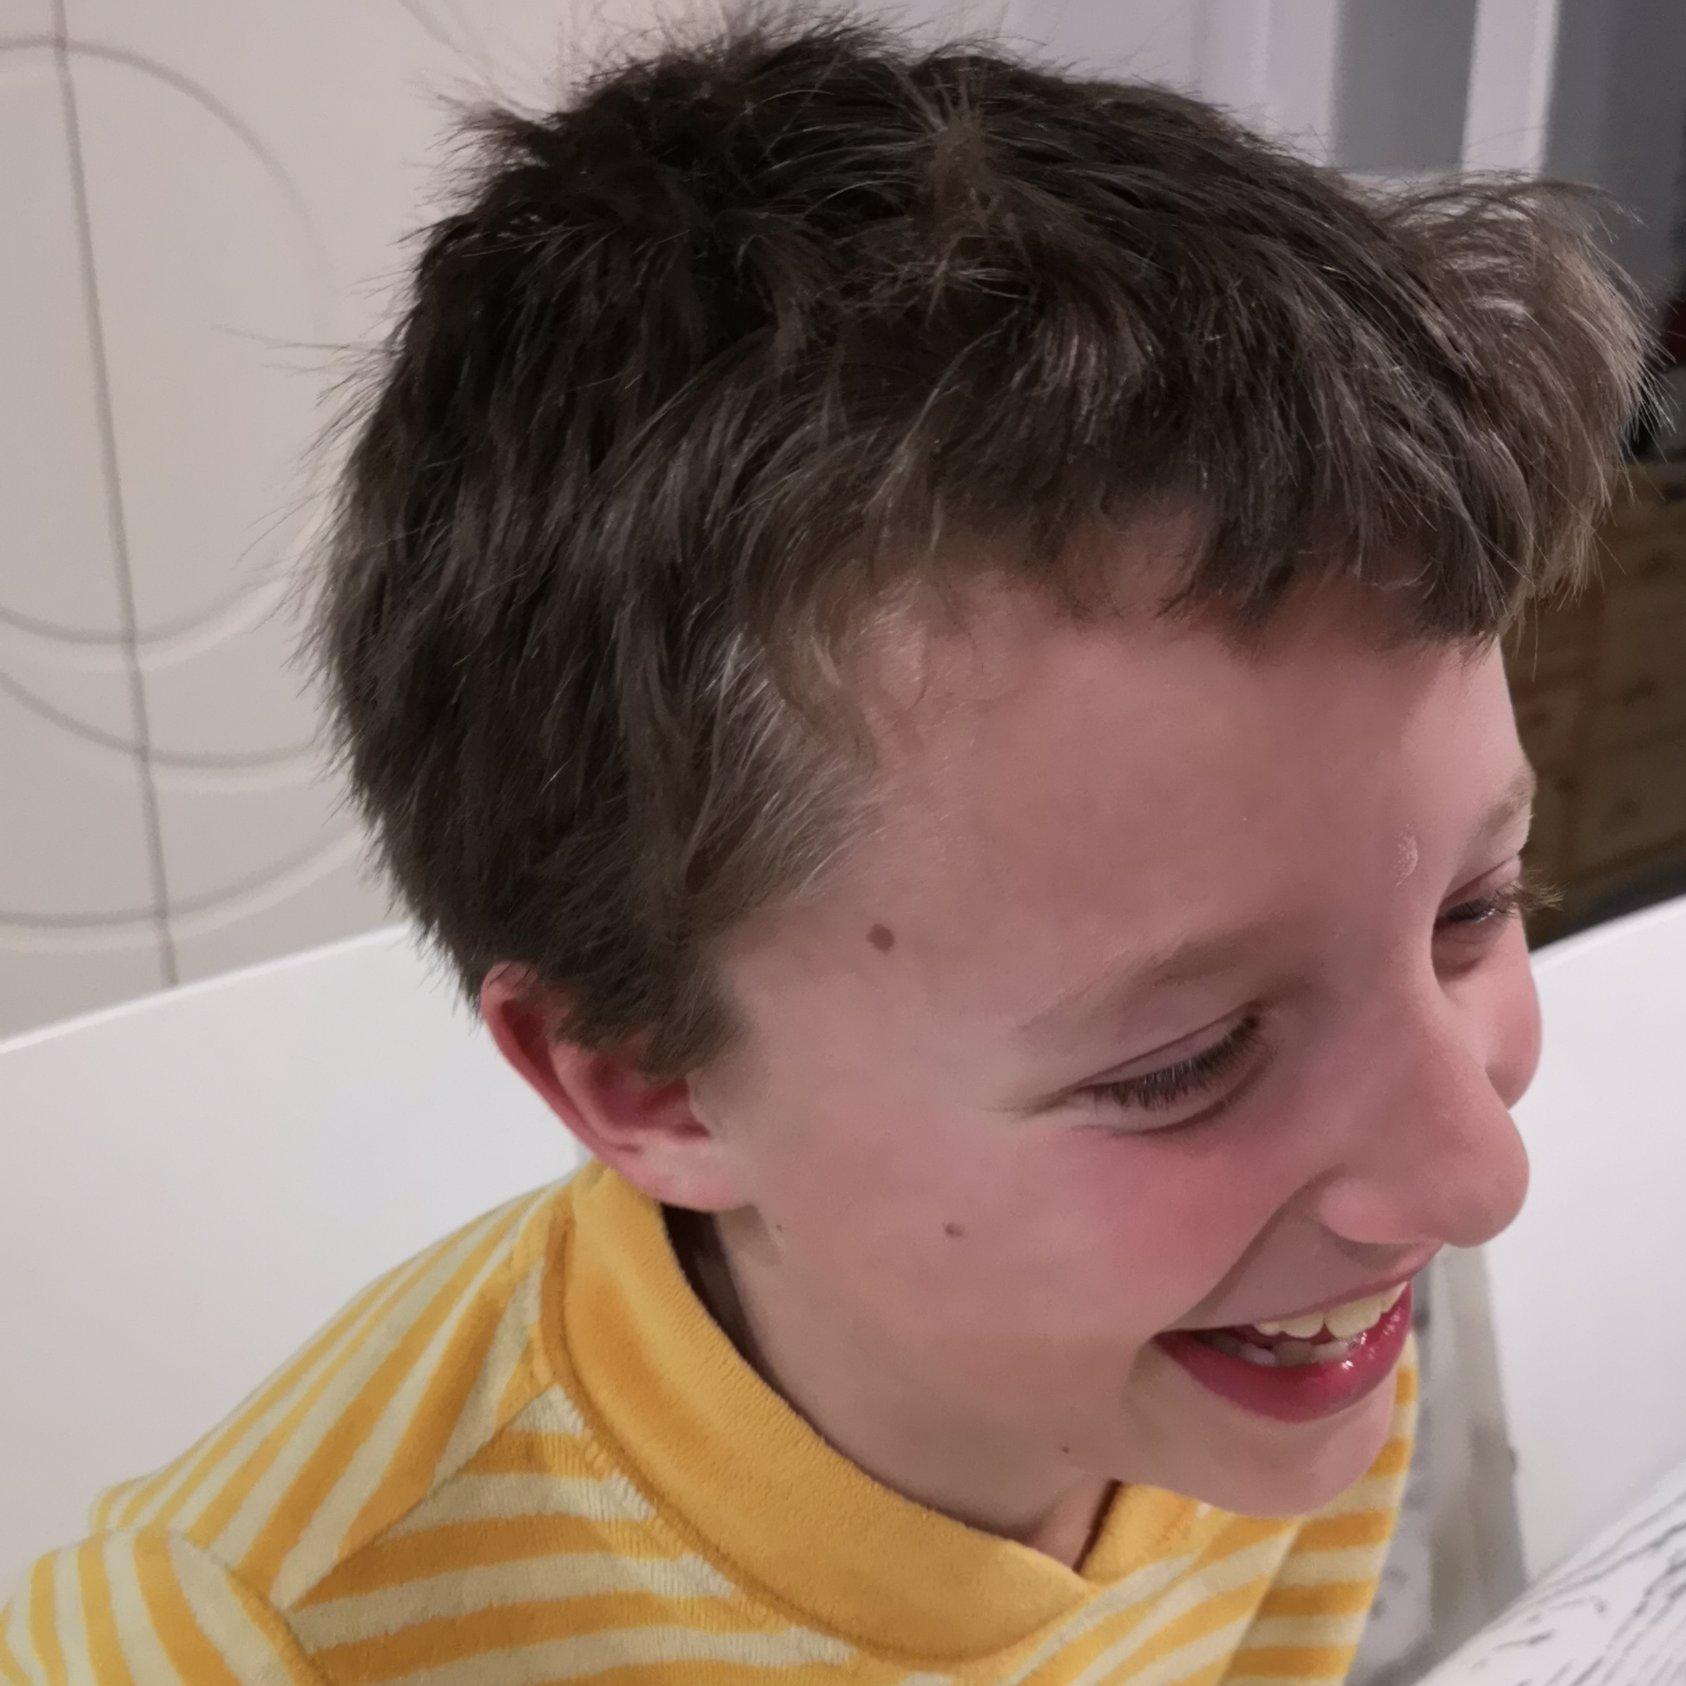 gemelo rubio riendo con su hermano